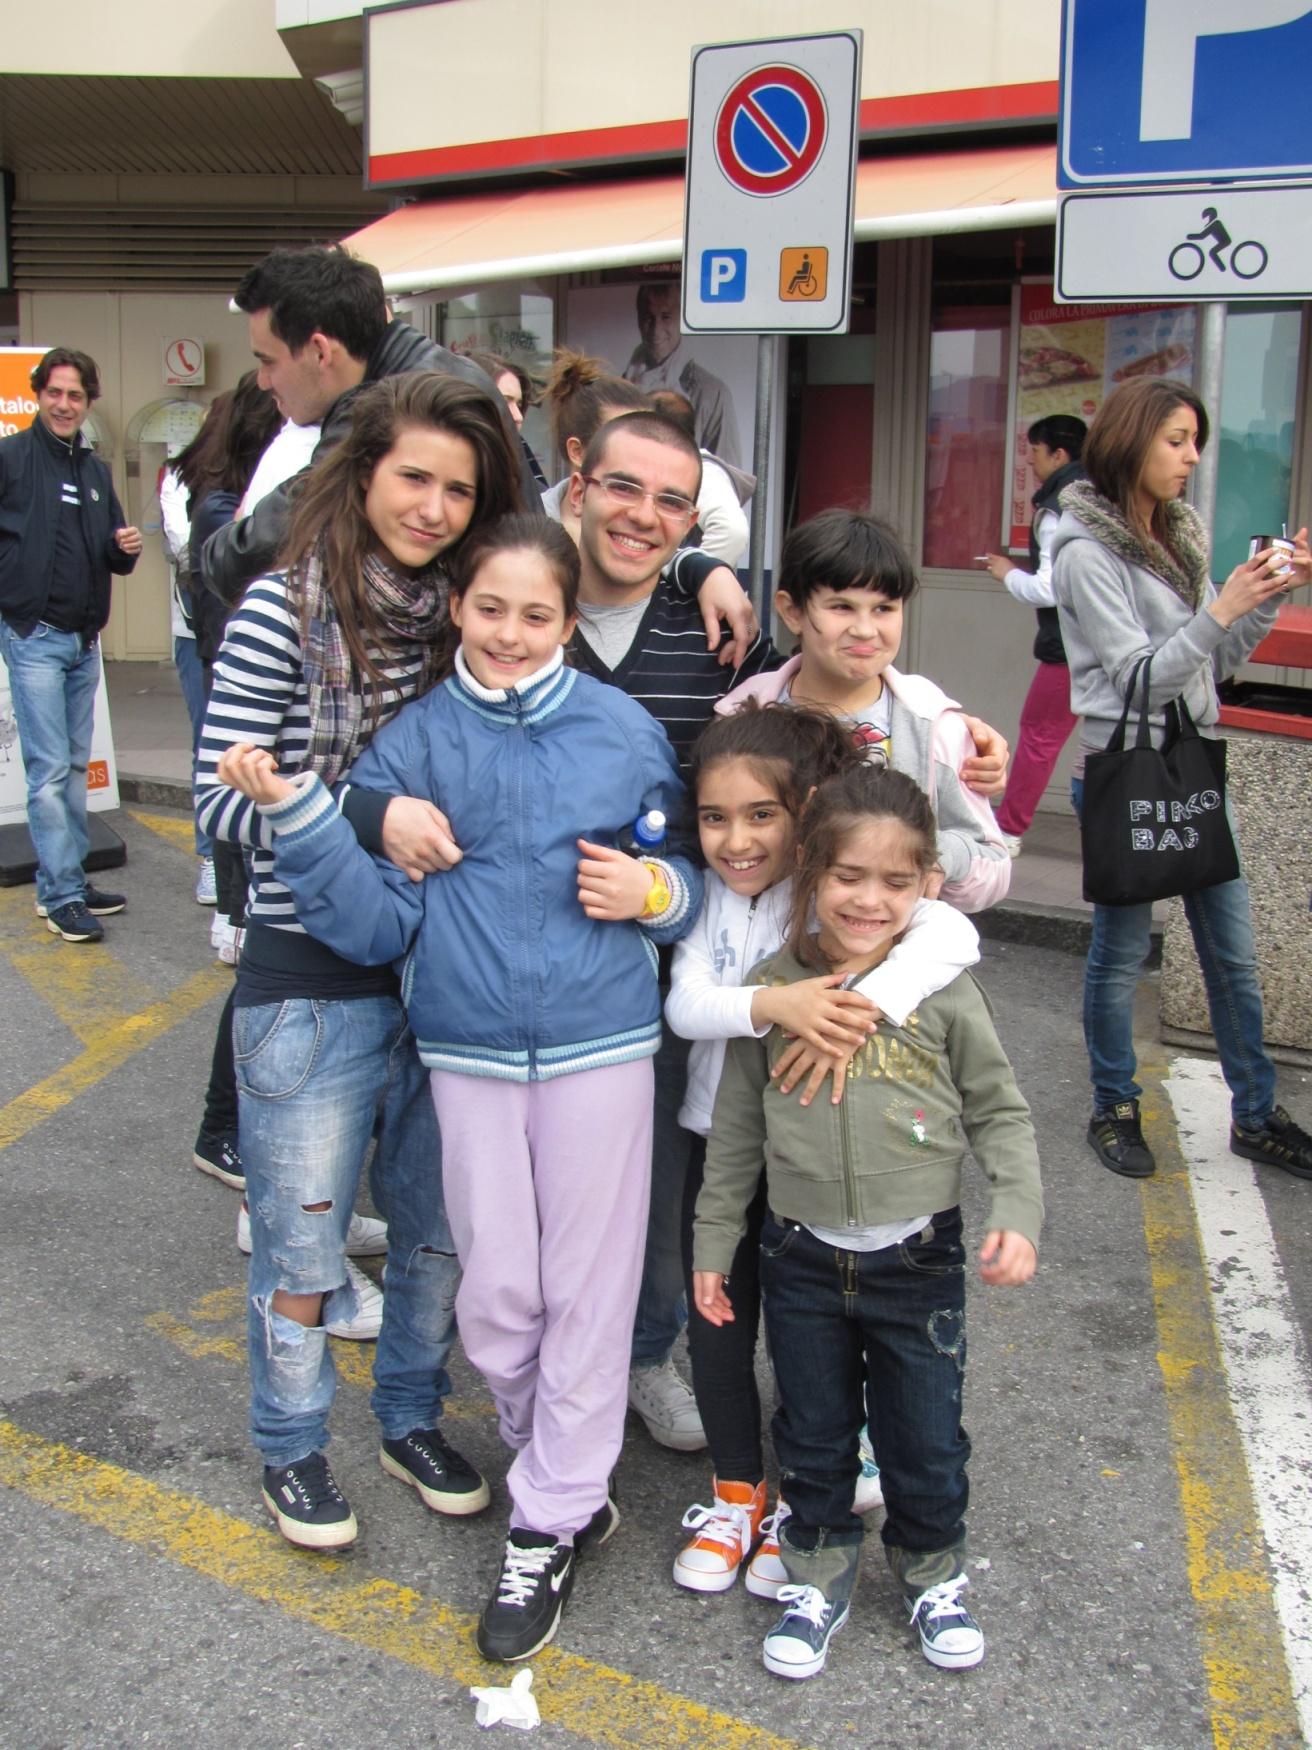 pasquetta_dolceacqua-2011-04-25-09-32-34